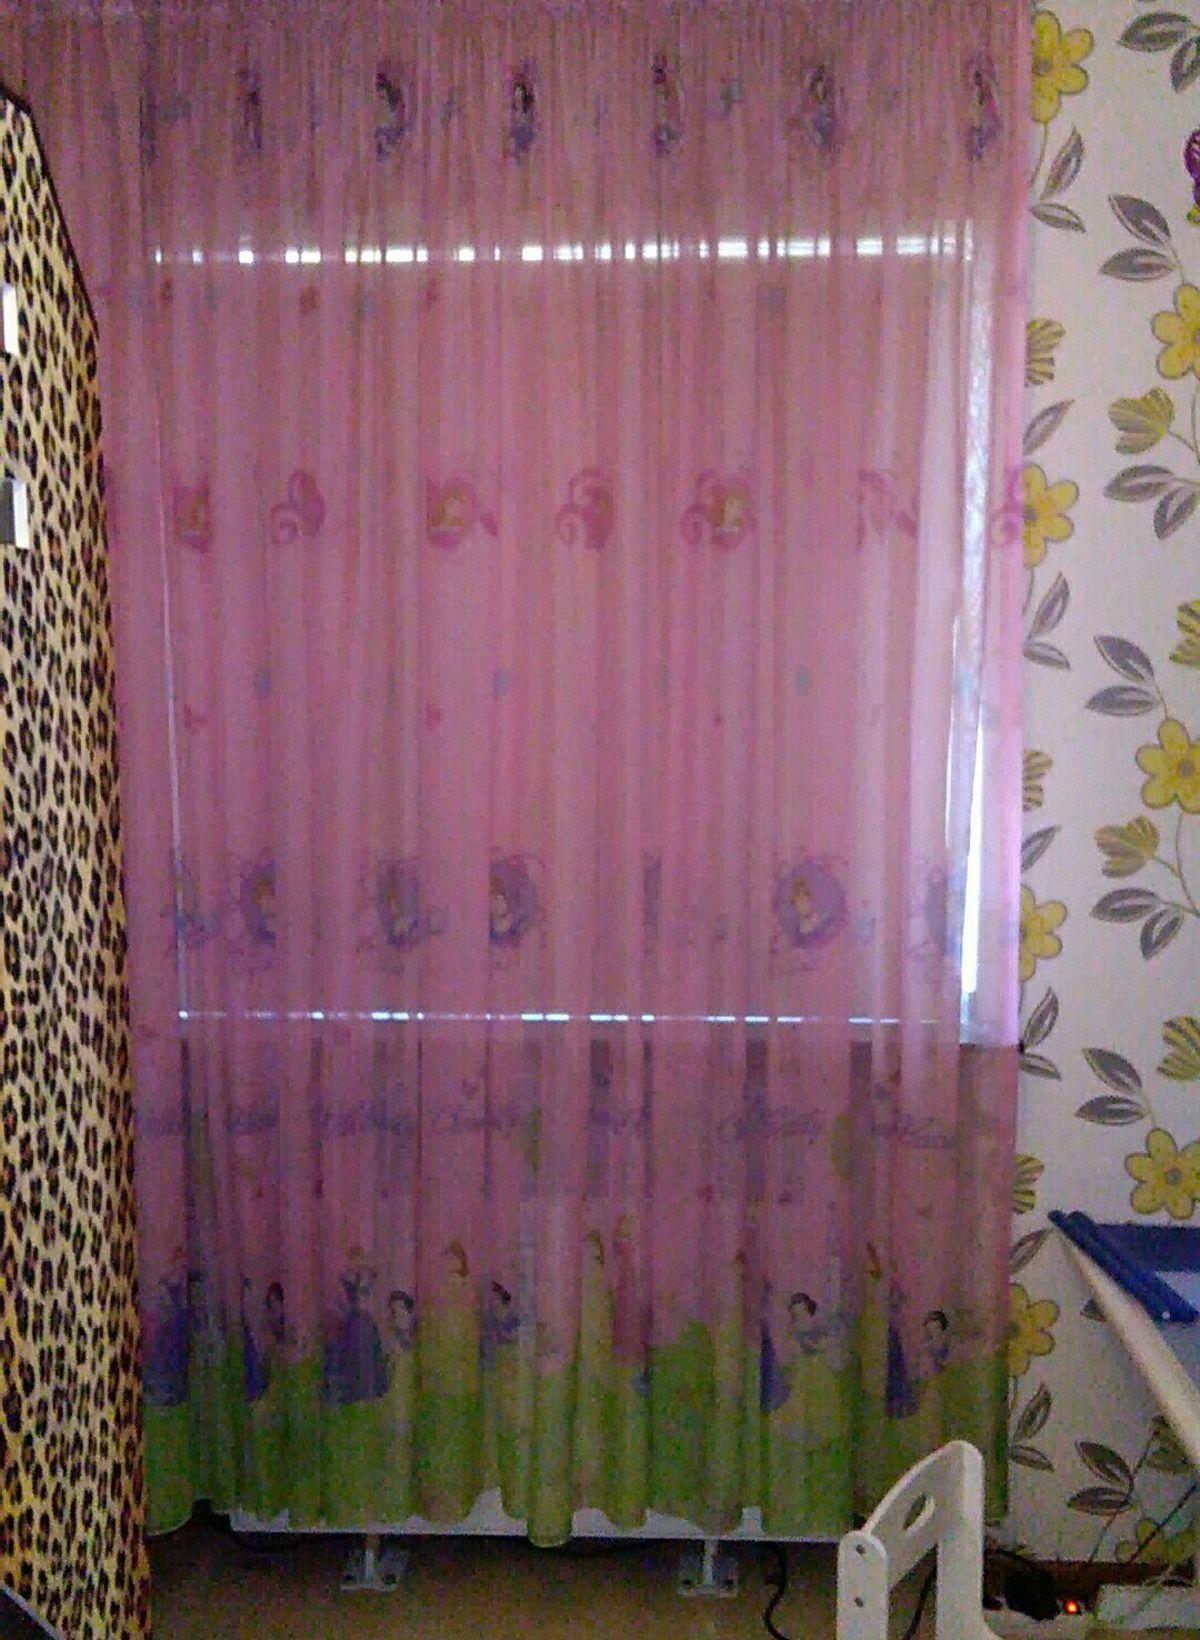 Kinderzimmer Vorhang Wohnzimmer Kinderzimmer Gardine Vorhang Prinzess Wohnraumgestaltung Wohnzimmer Schone Gardinen Kuche Printed Shower Curtain Curtains Decor